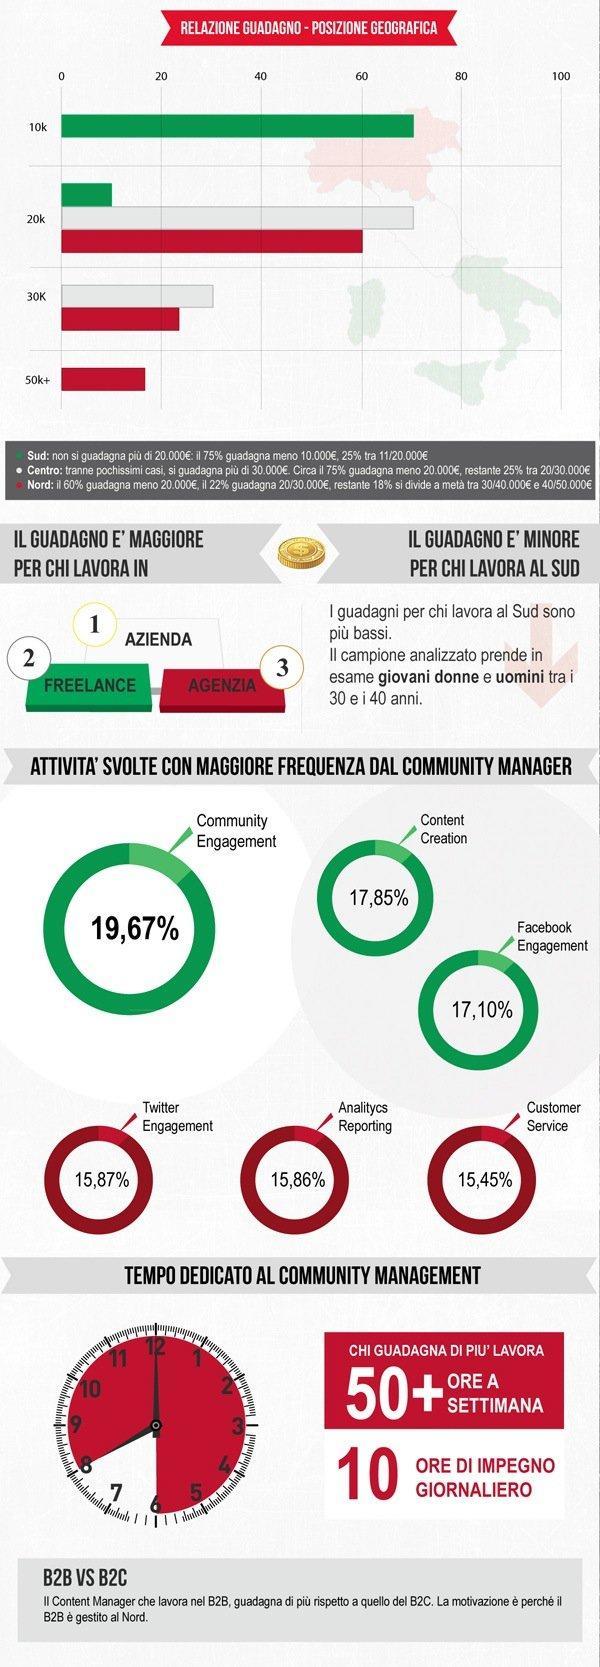 Il profilo del Community Manager in Italia